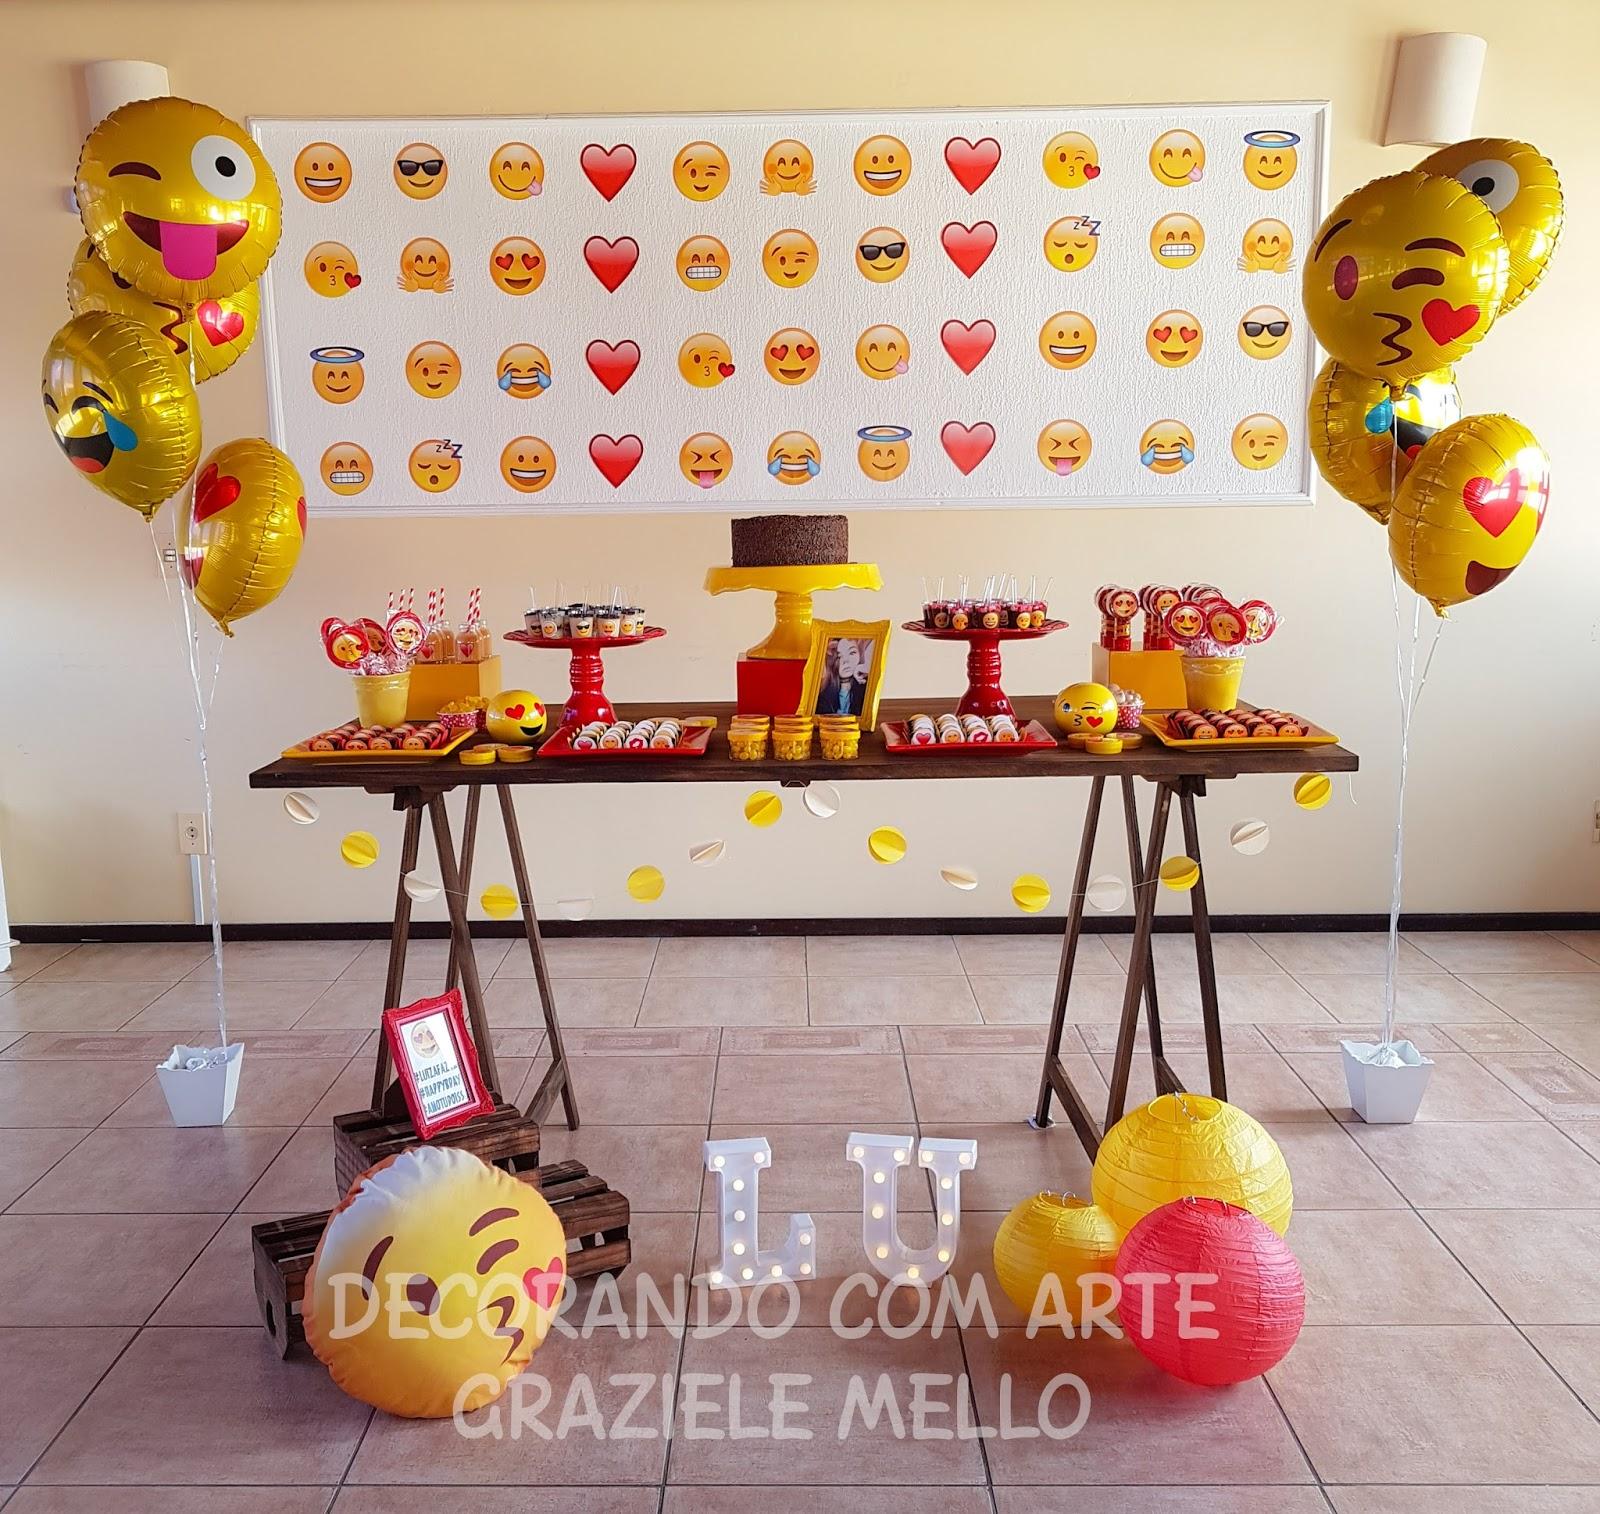 Decorando com Arte Lembrancinhas Personalizadas Decoraç u00e3o Emoji -> Decoração De Festa Tema Emoji